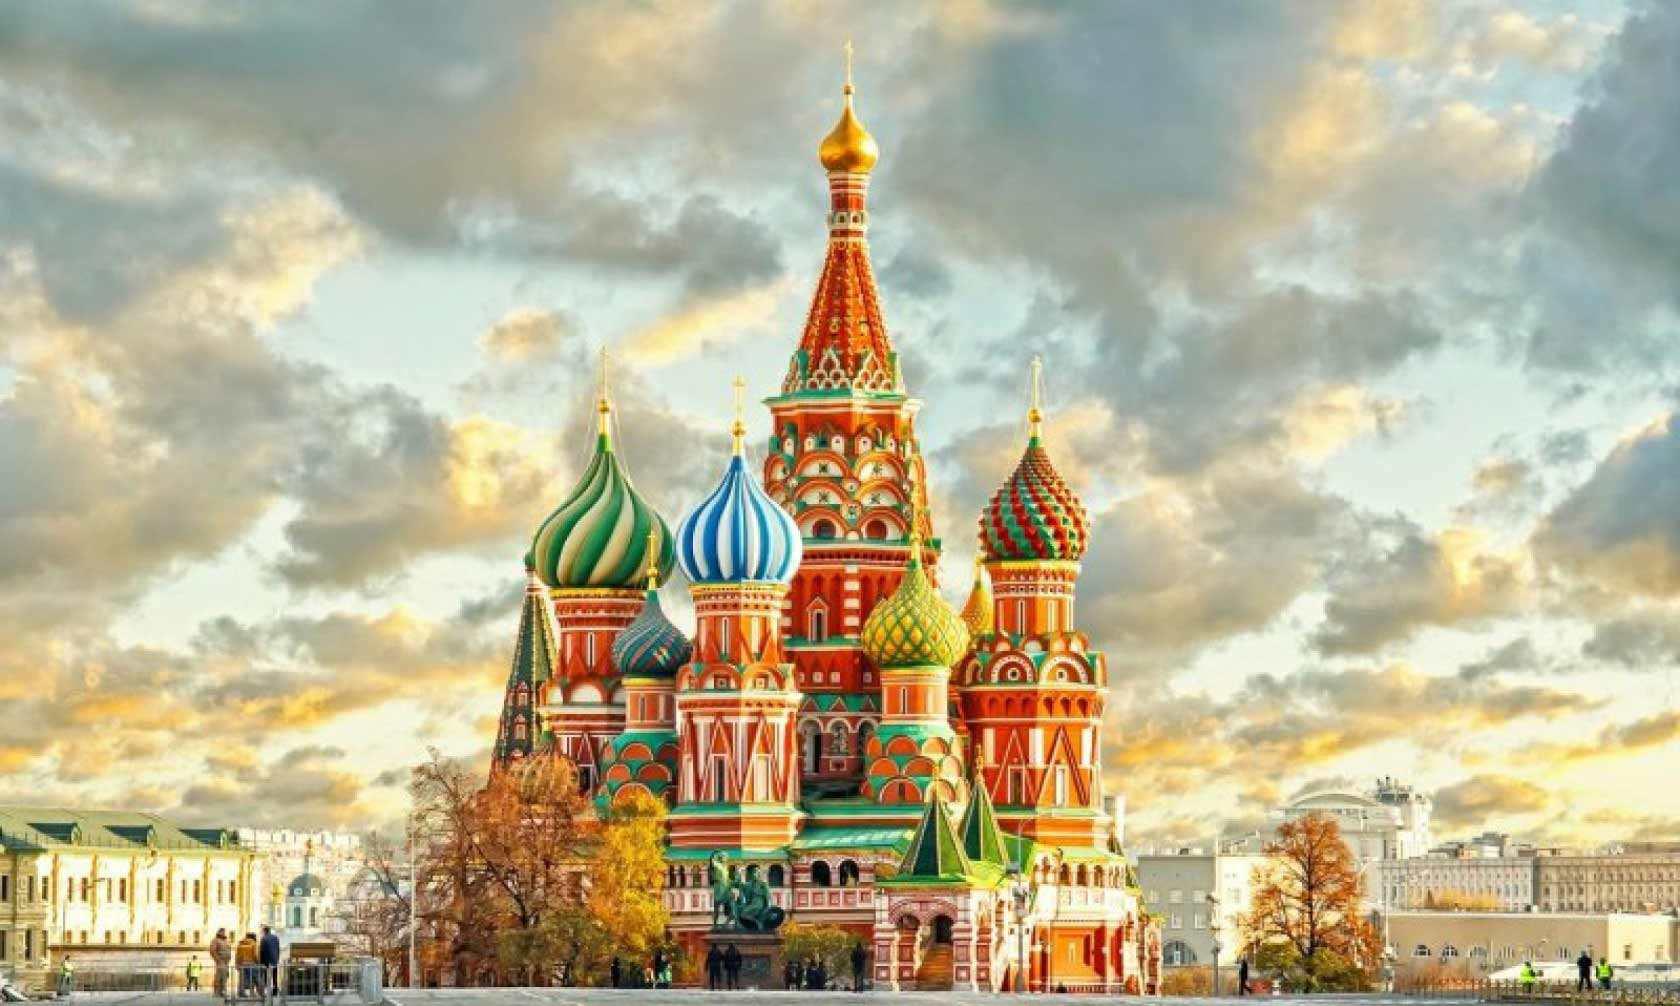 艺术生俄罗斯留学成就名校梦